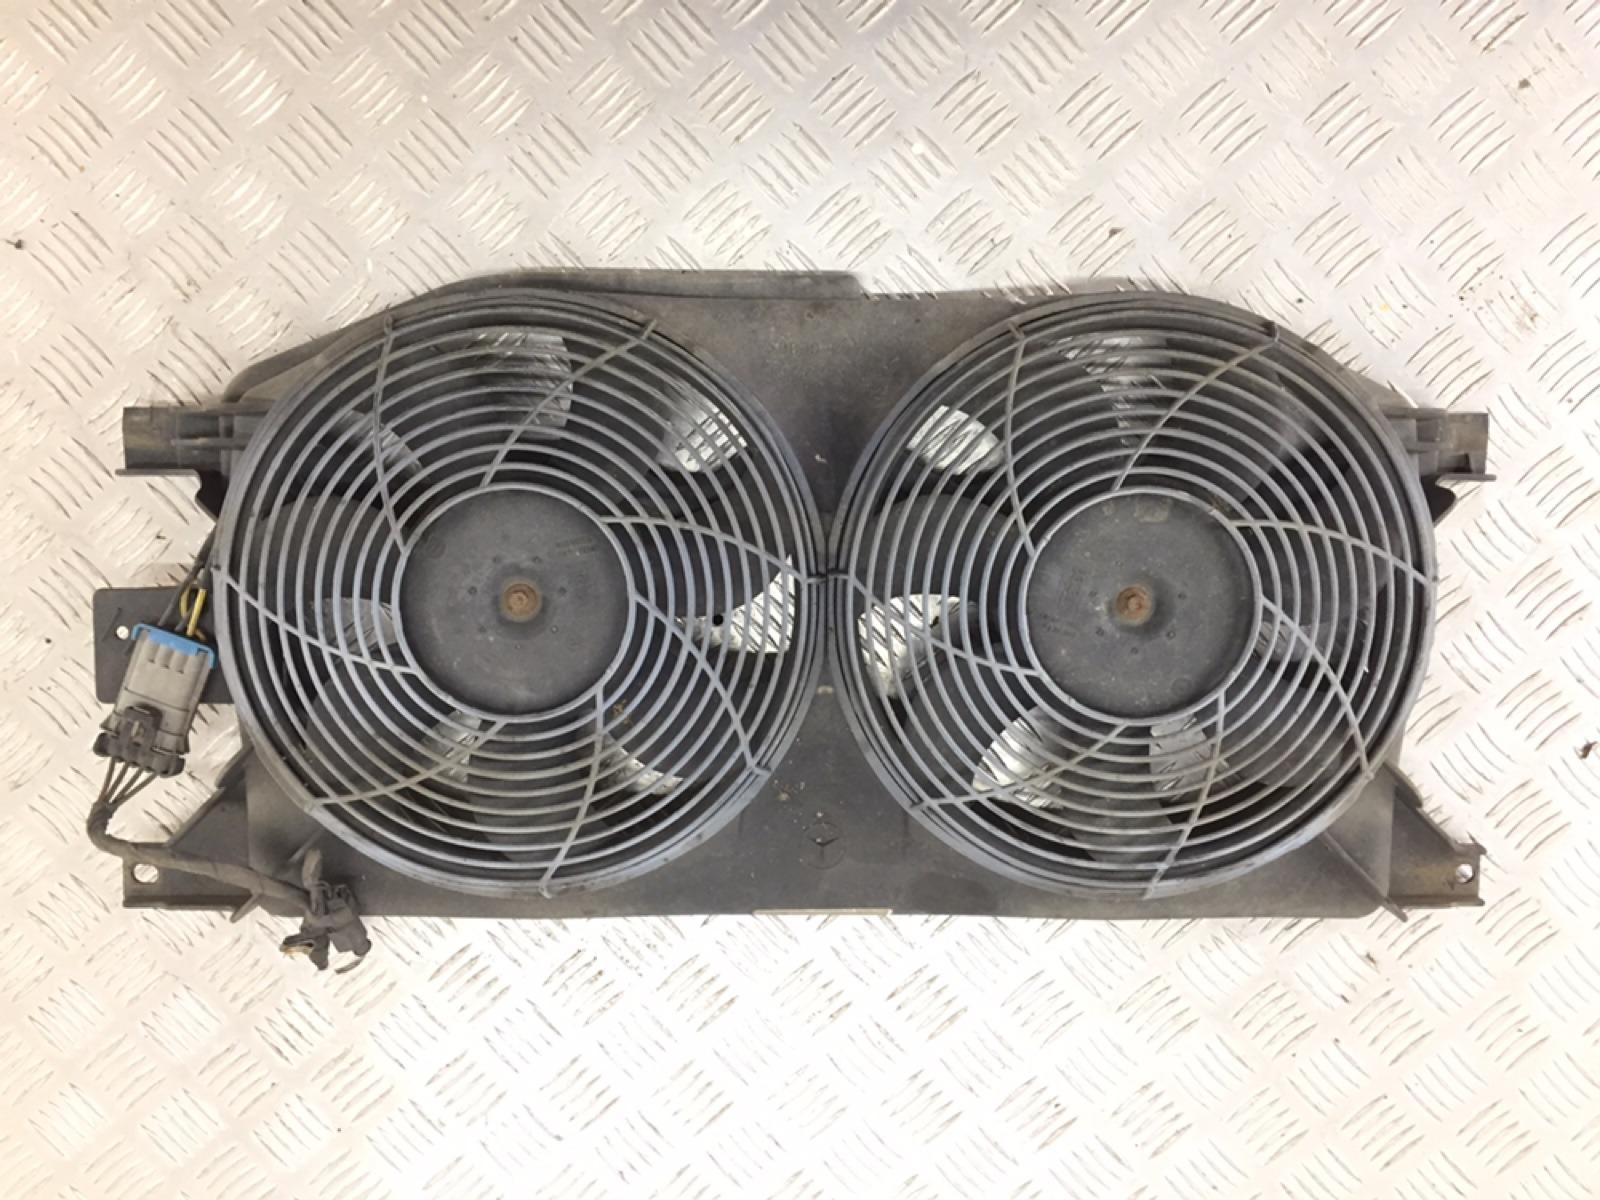 Вентилятор радиатора Mercedes Ml W163 3.2 I 2001 (б/у)